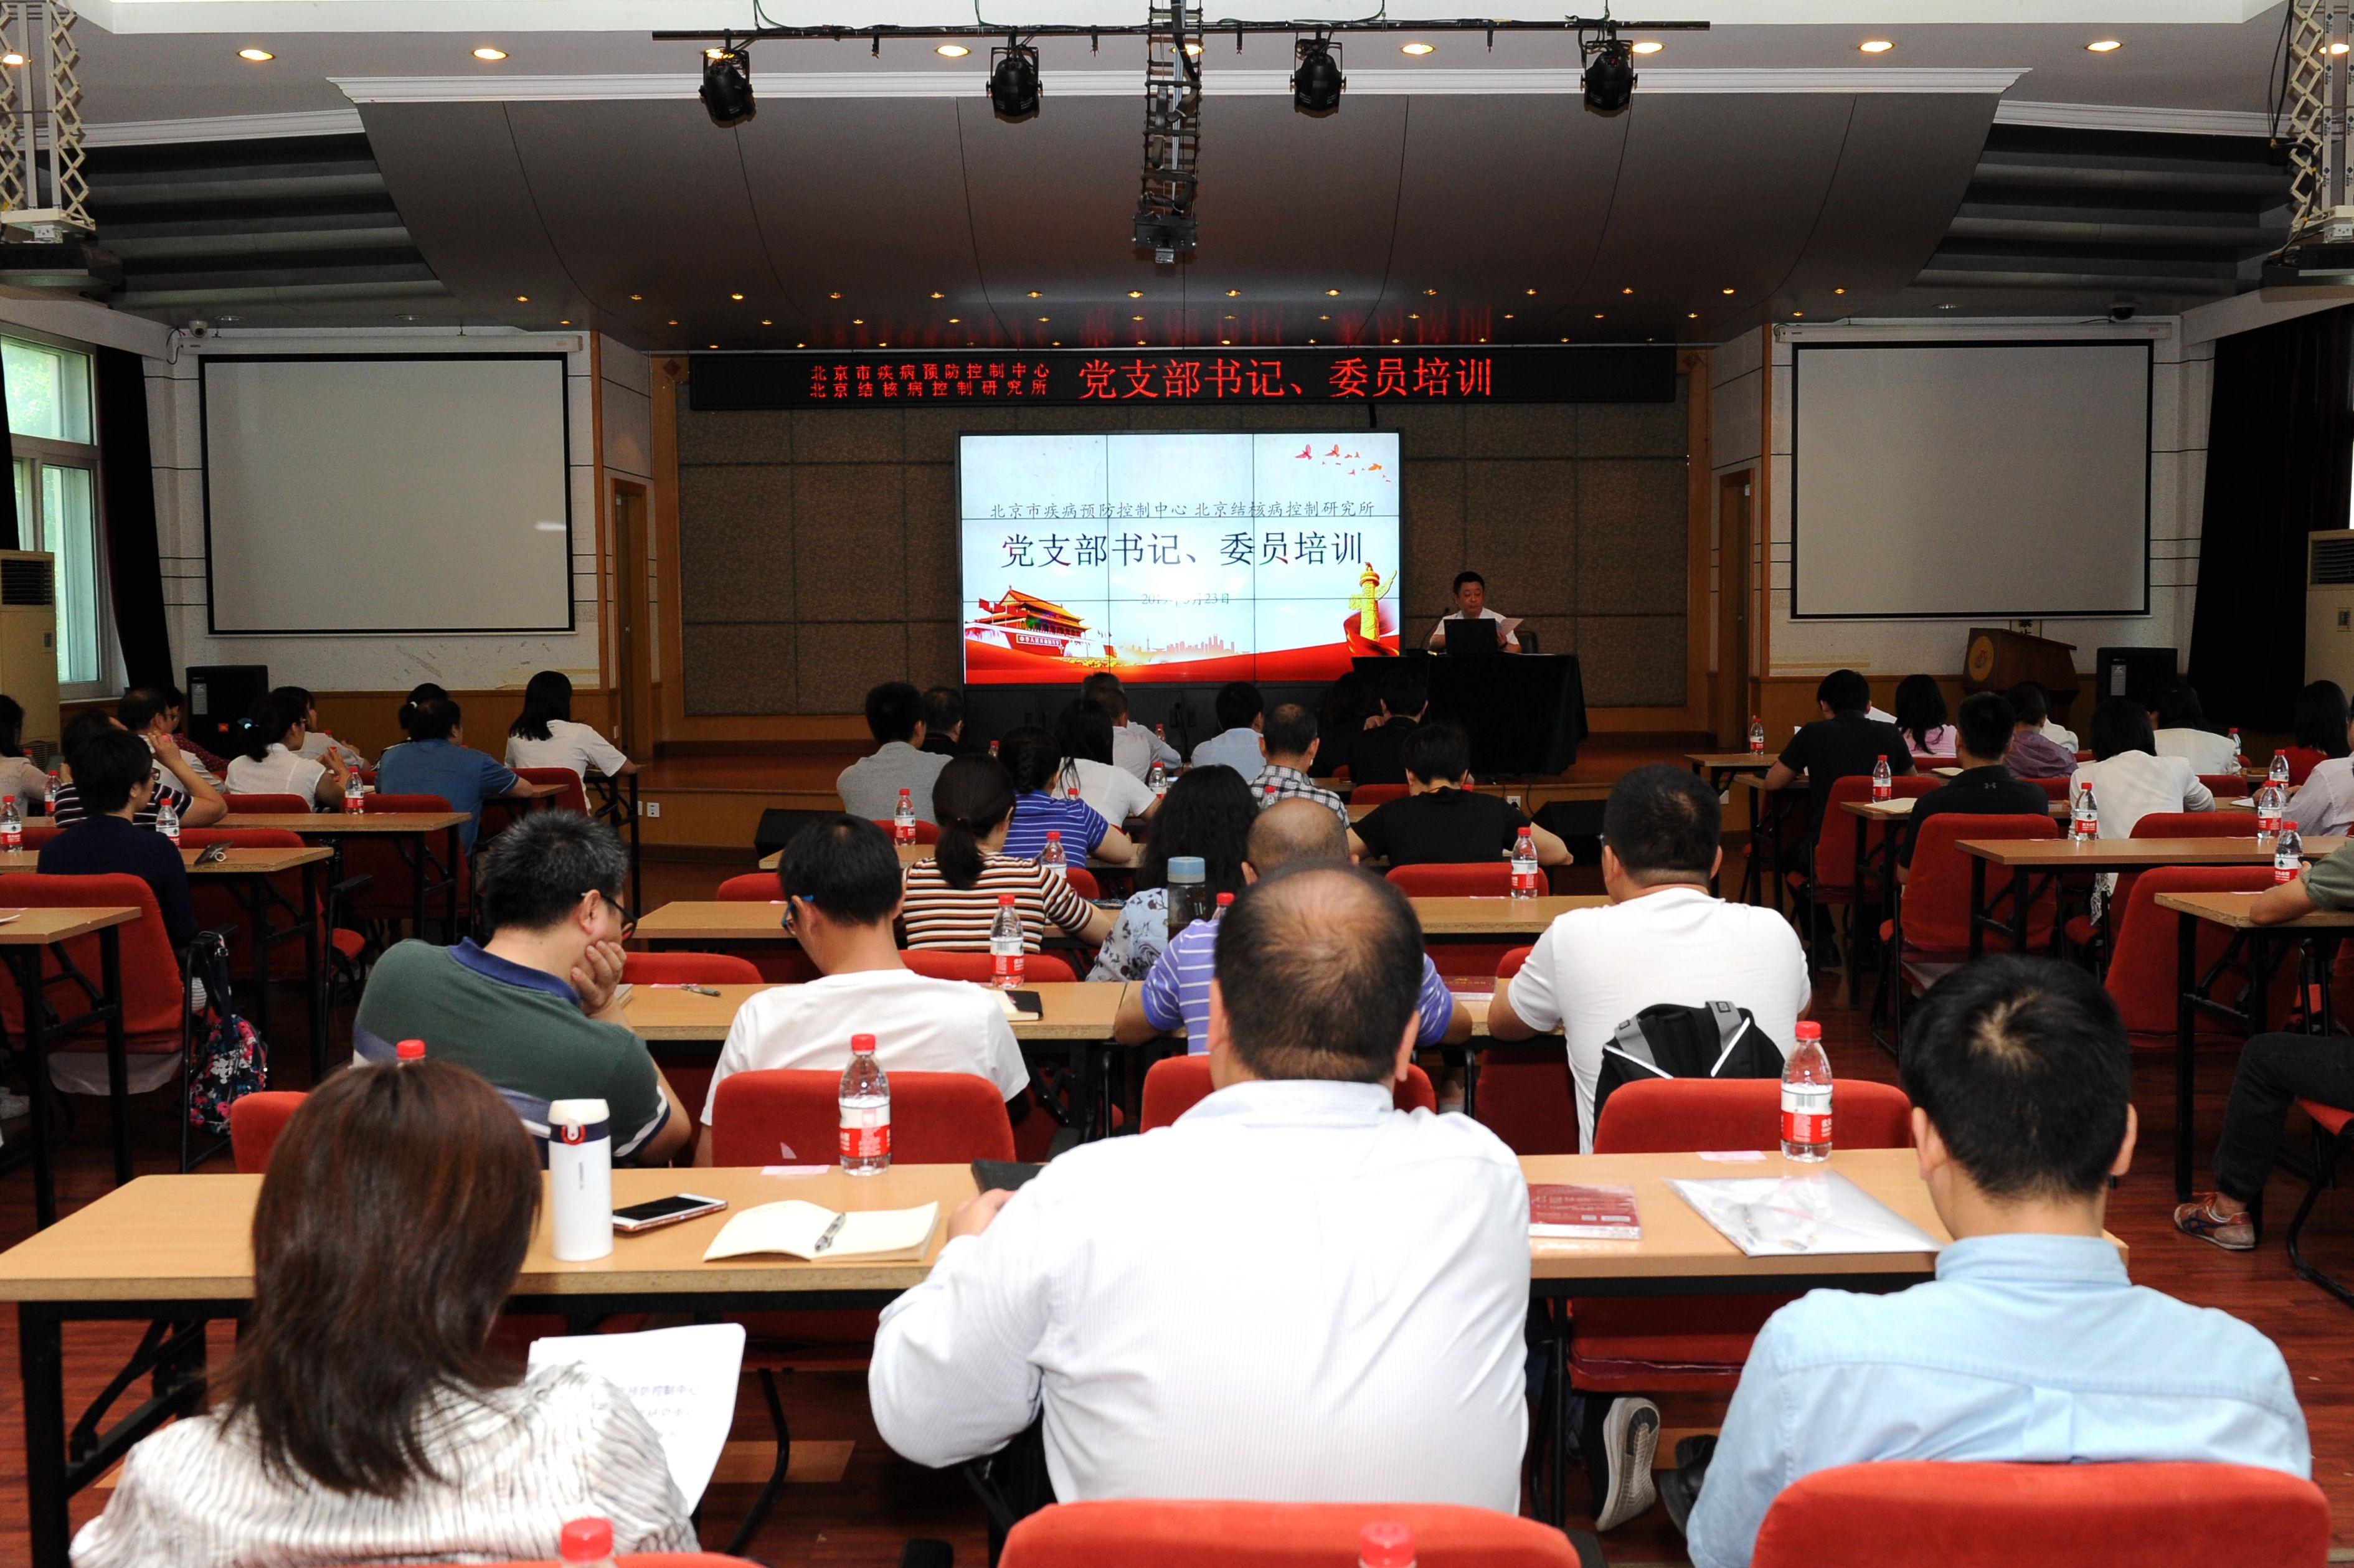 北京市疾控中心、北京结控所联合组织党支部书记、委员工作实务培训